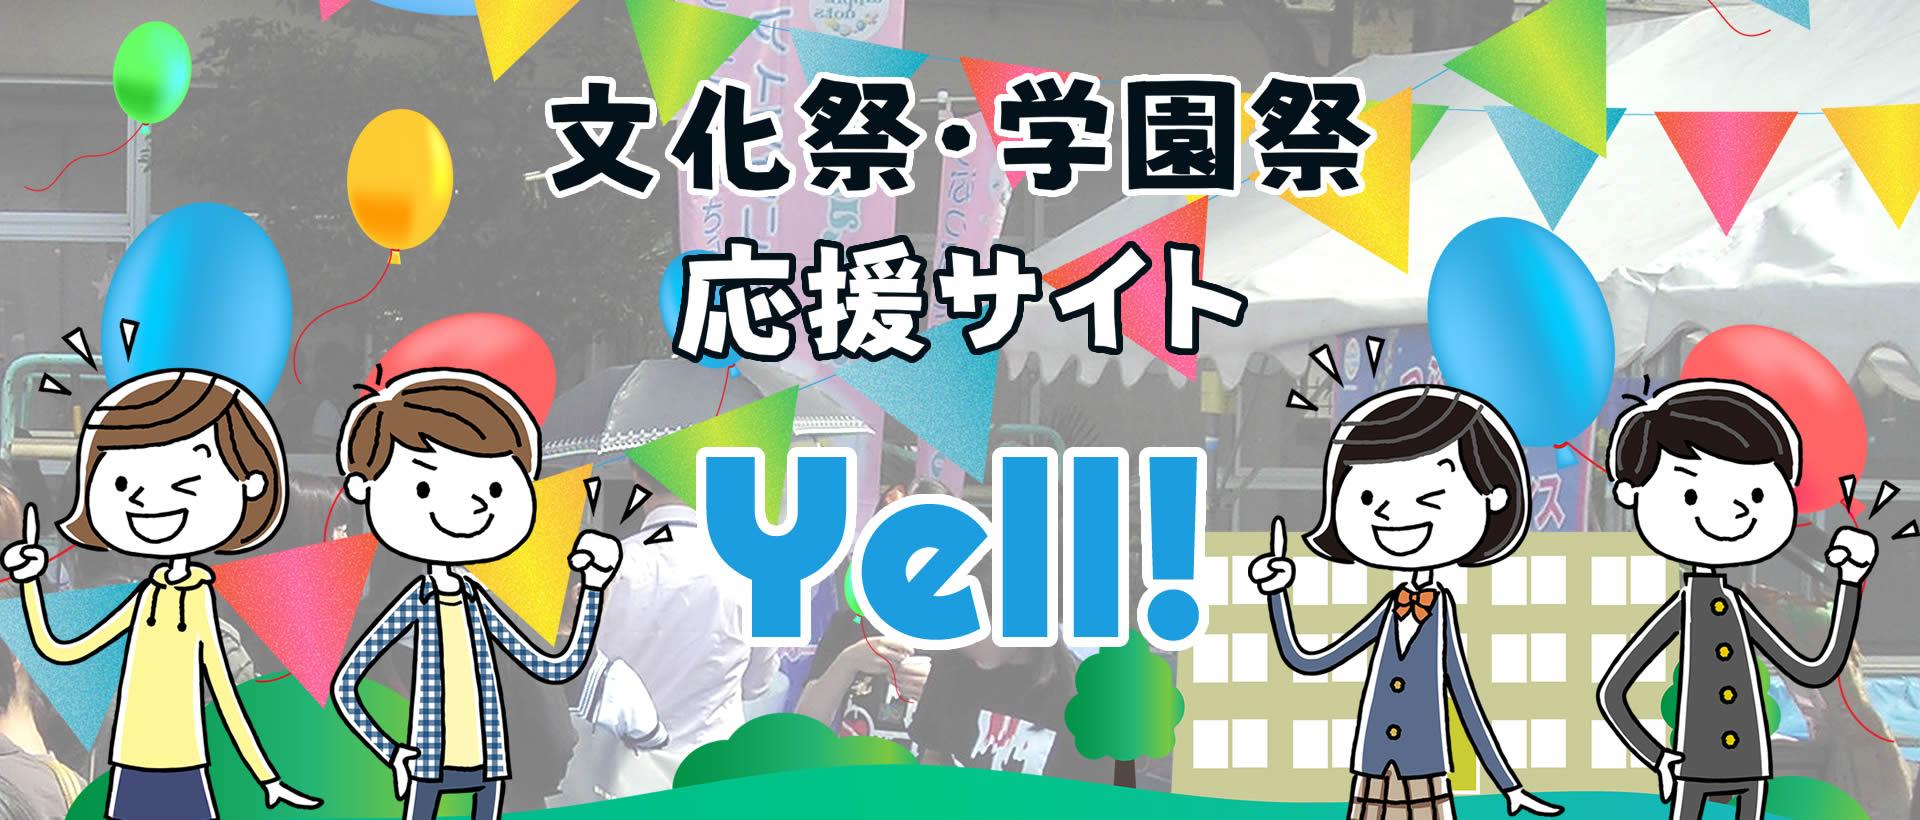 文化祭・学園祭応援サイト YELL!